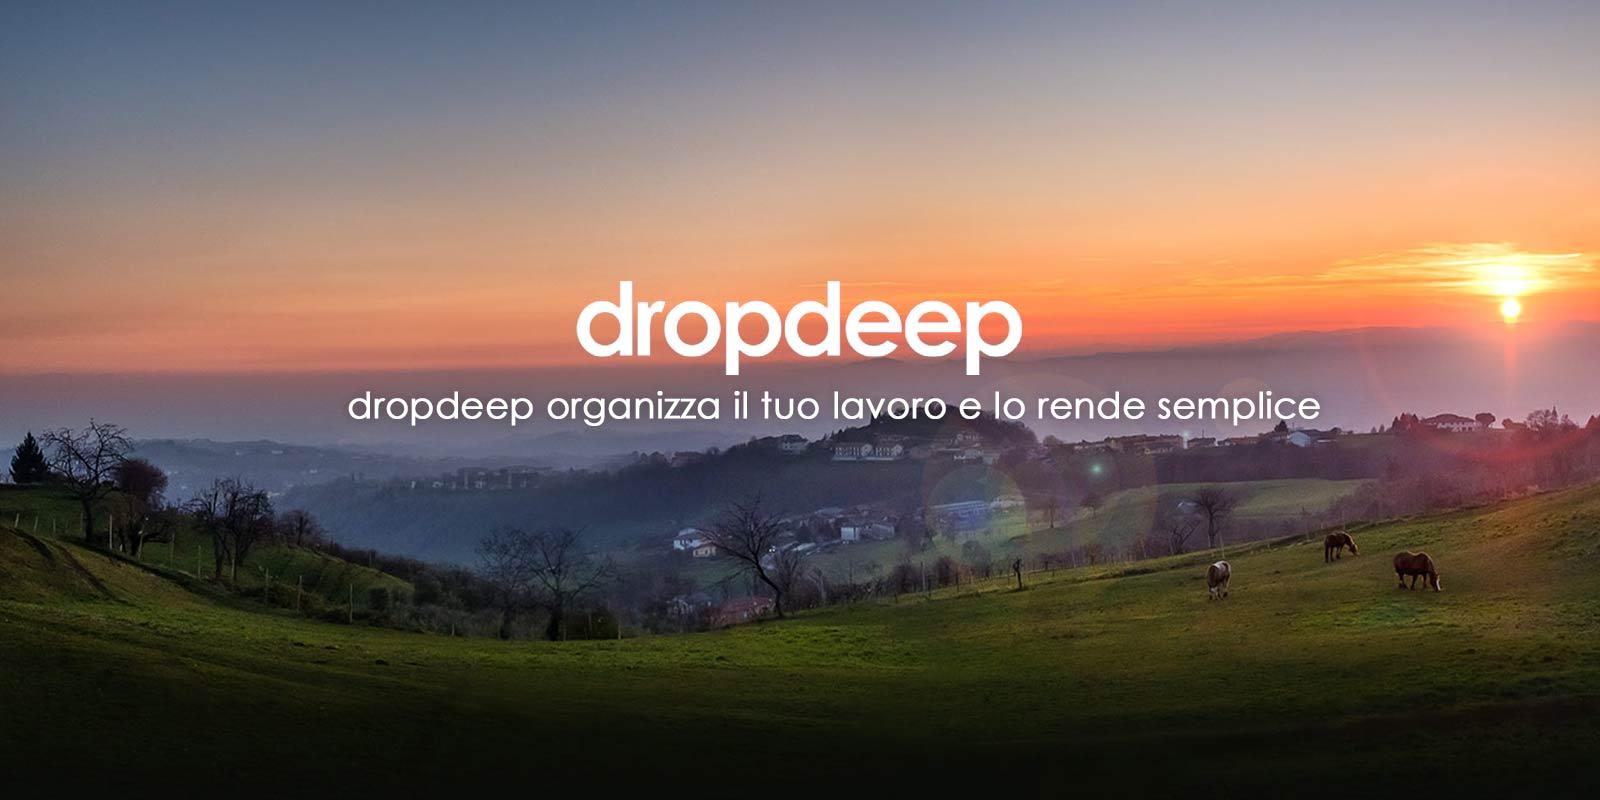 dropdeepsfndo